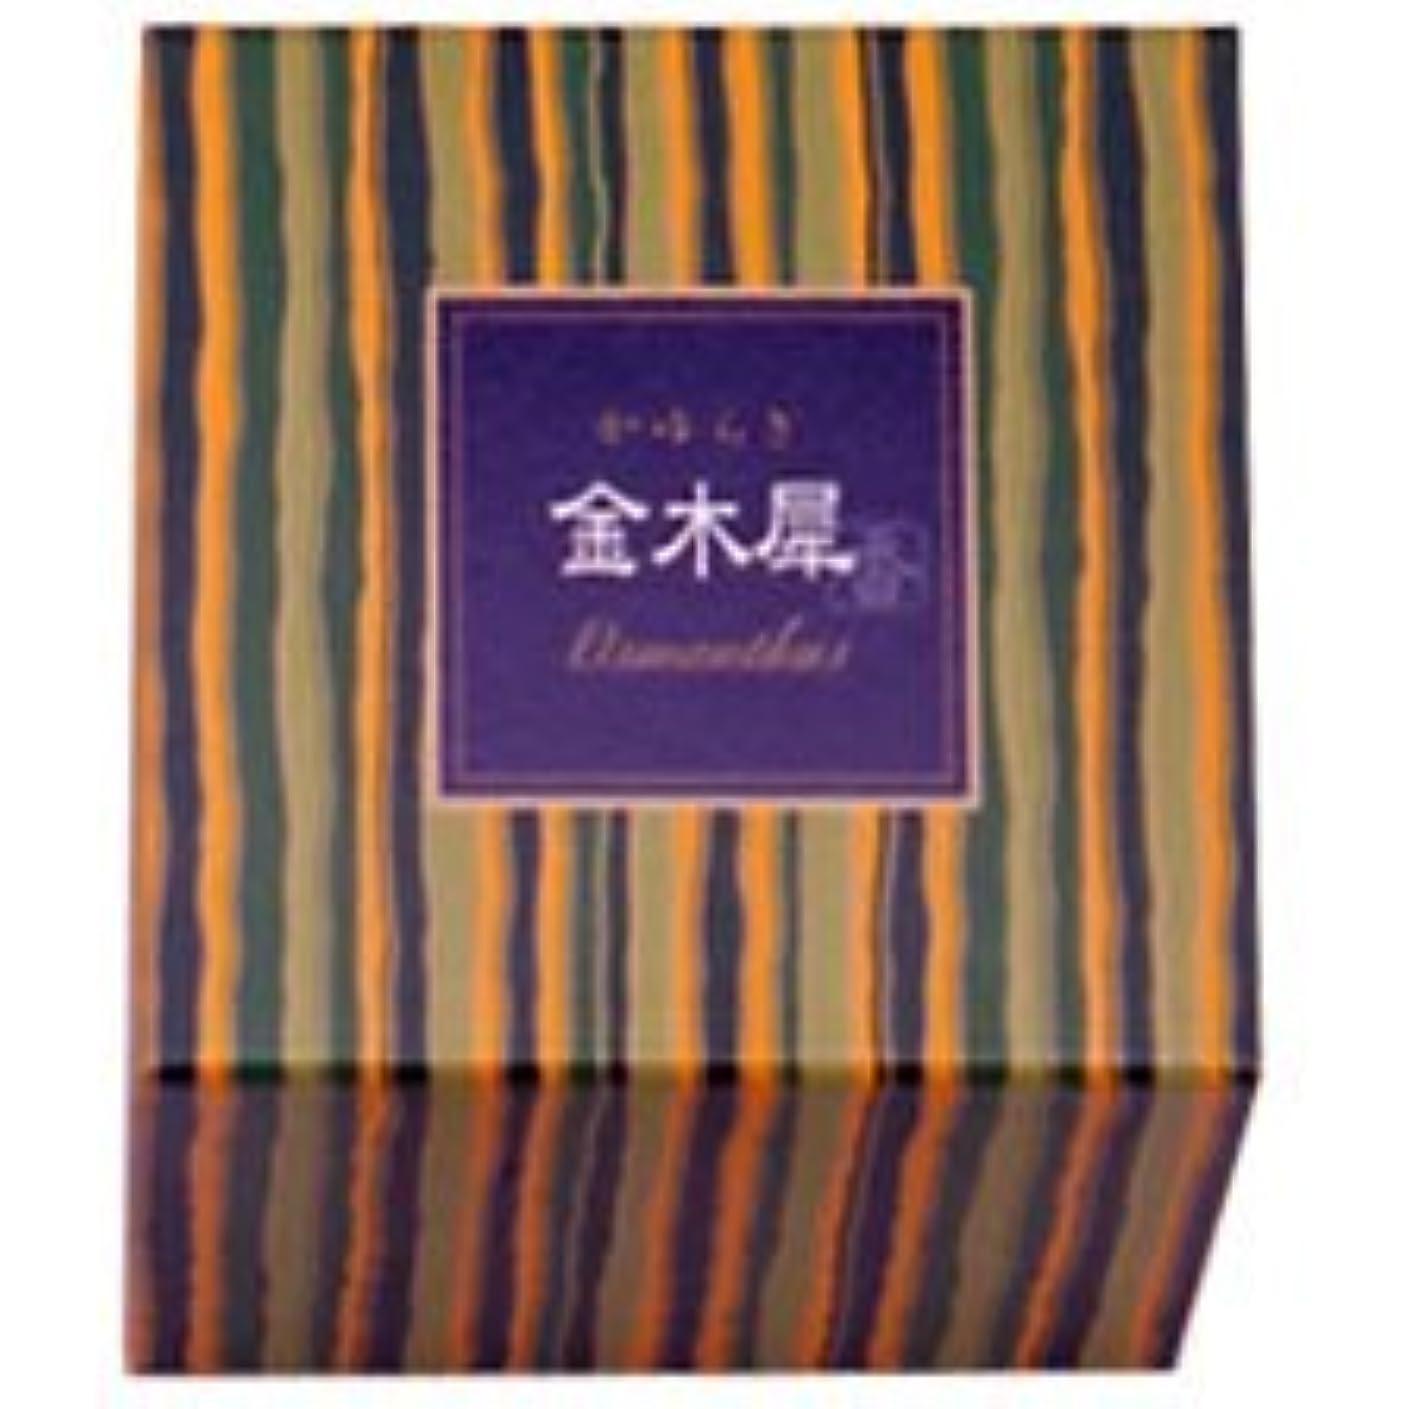 しない探検繁雑Osmanthus Kayuragi Japanese Incense by Nippon Kodo、12?Cones